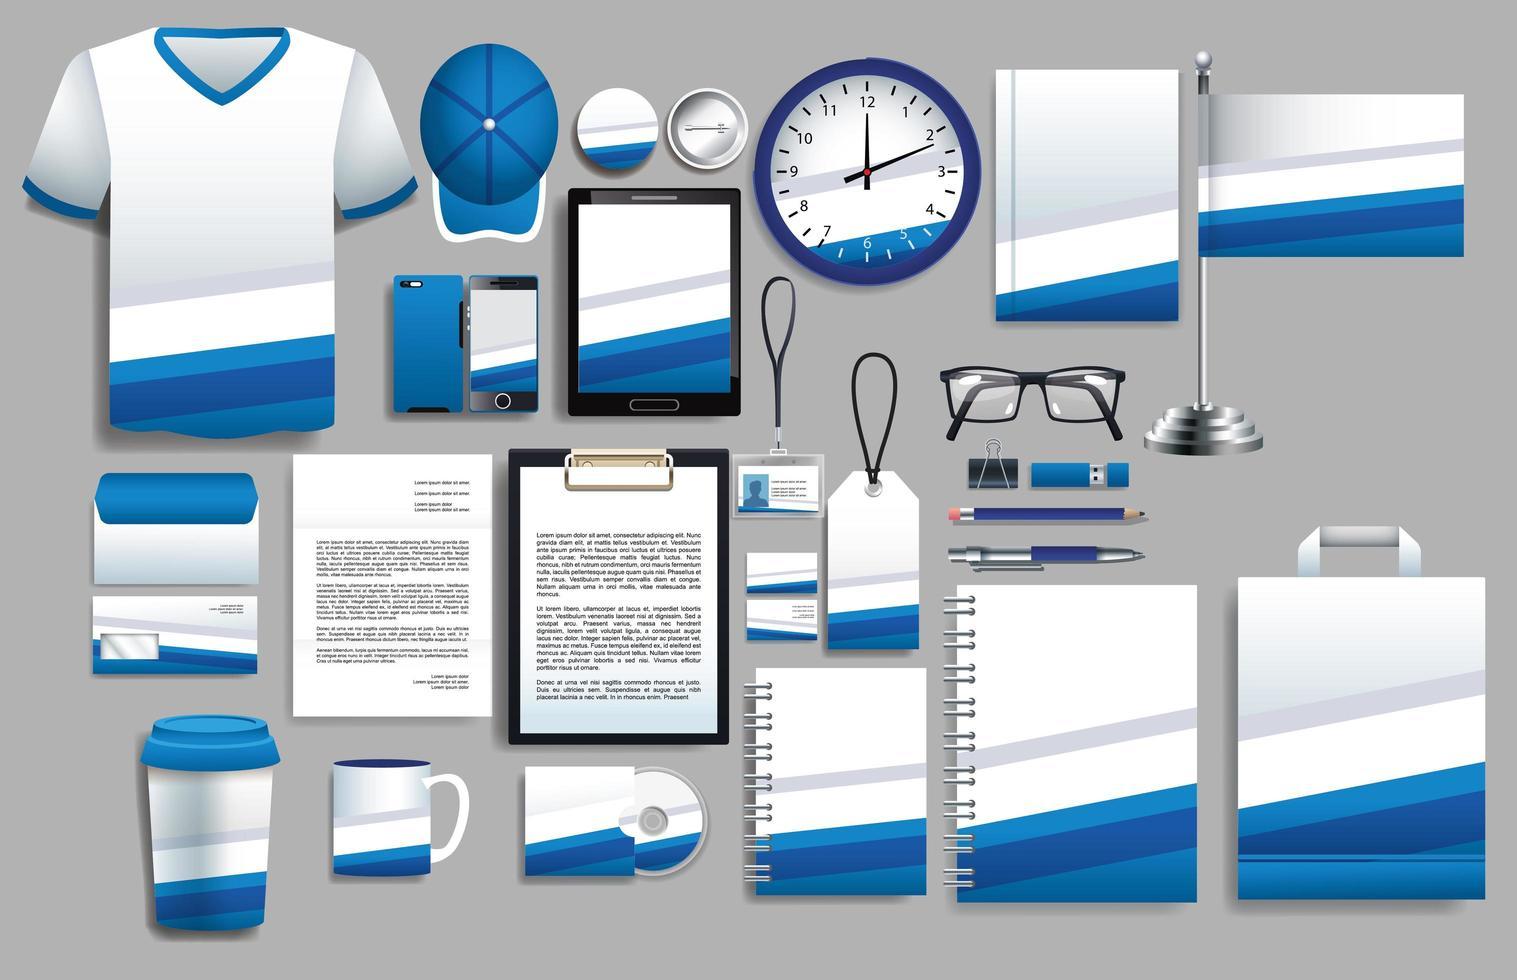 conjunto de elementos azules y blancos con plantillas de papelería vector